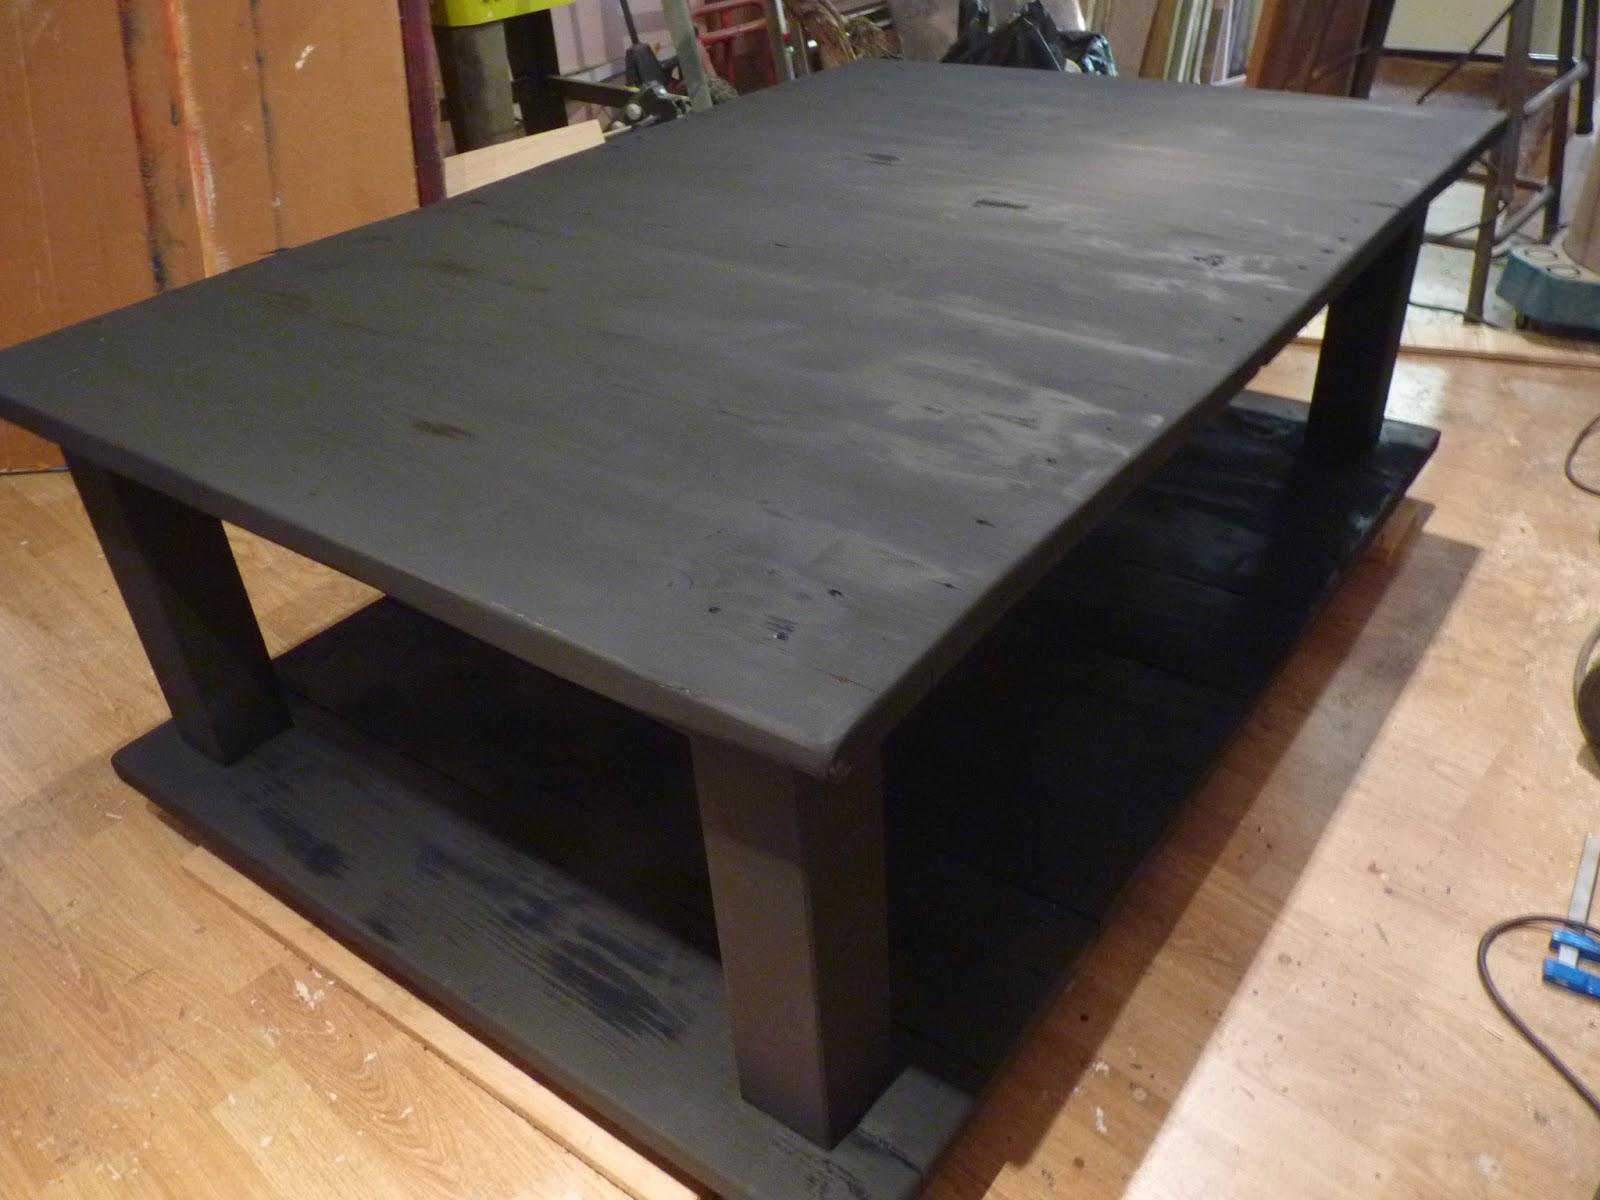 Le re acteur table basse grosse palette grand format for Table basse grand format